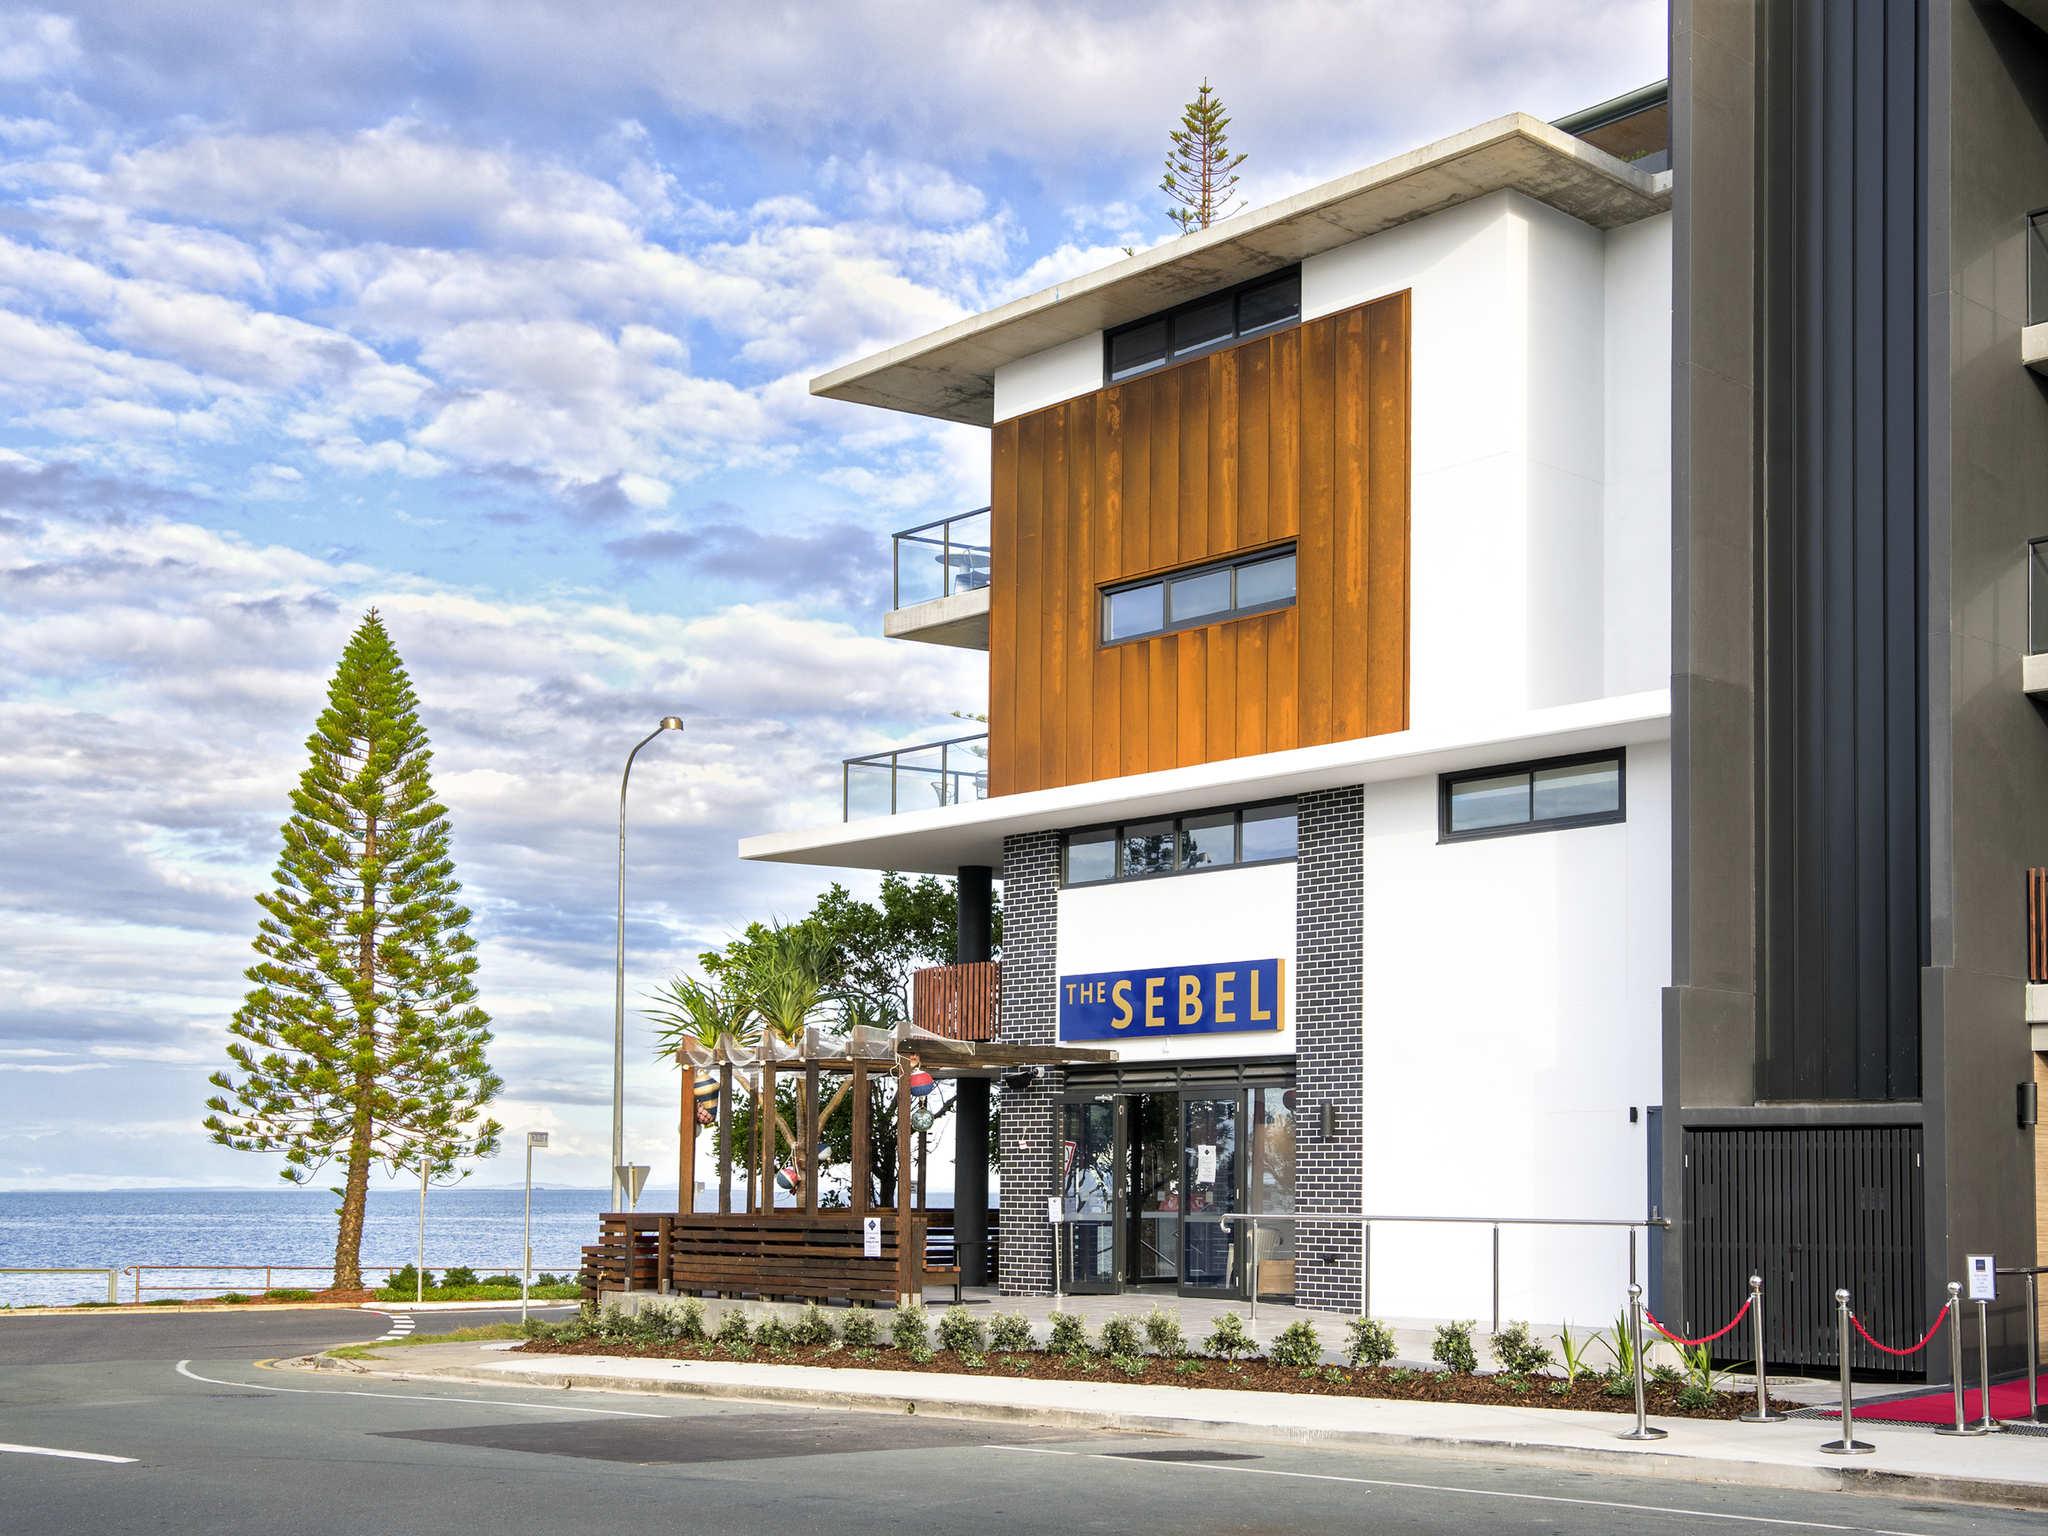 Hotel - The Sebel Brisbane Margate Beach